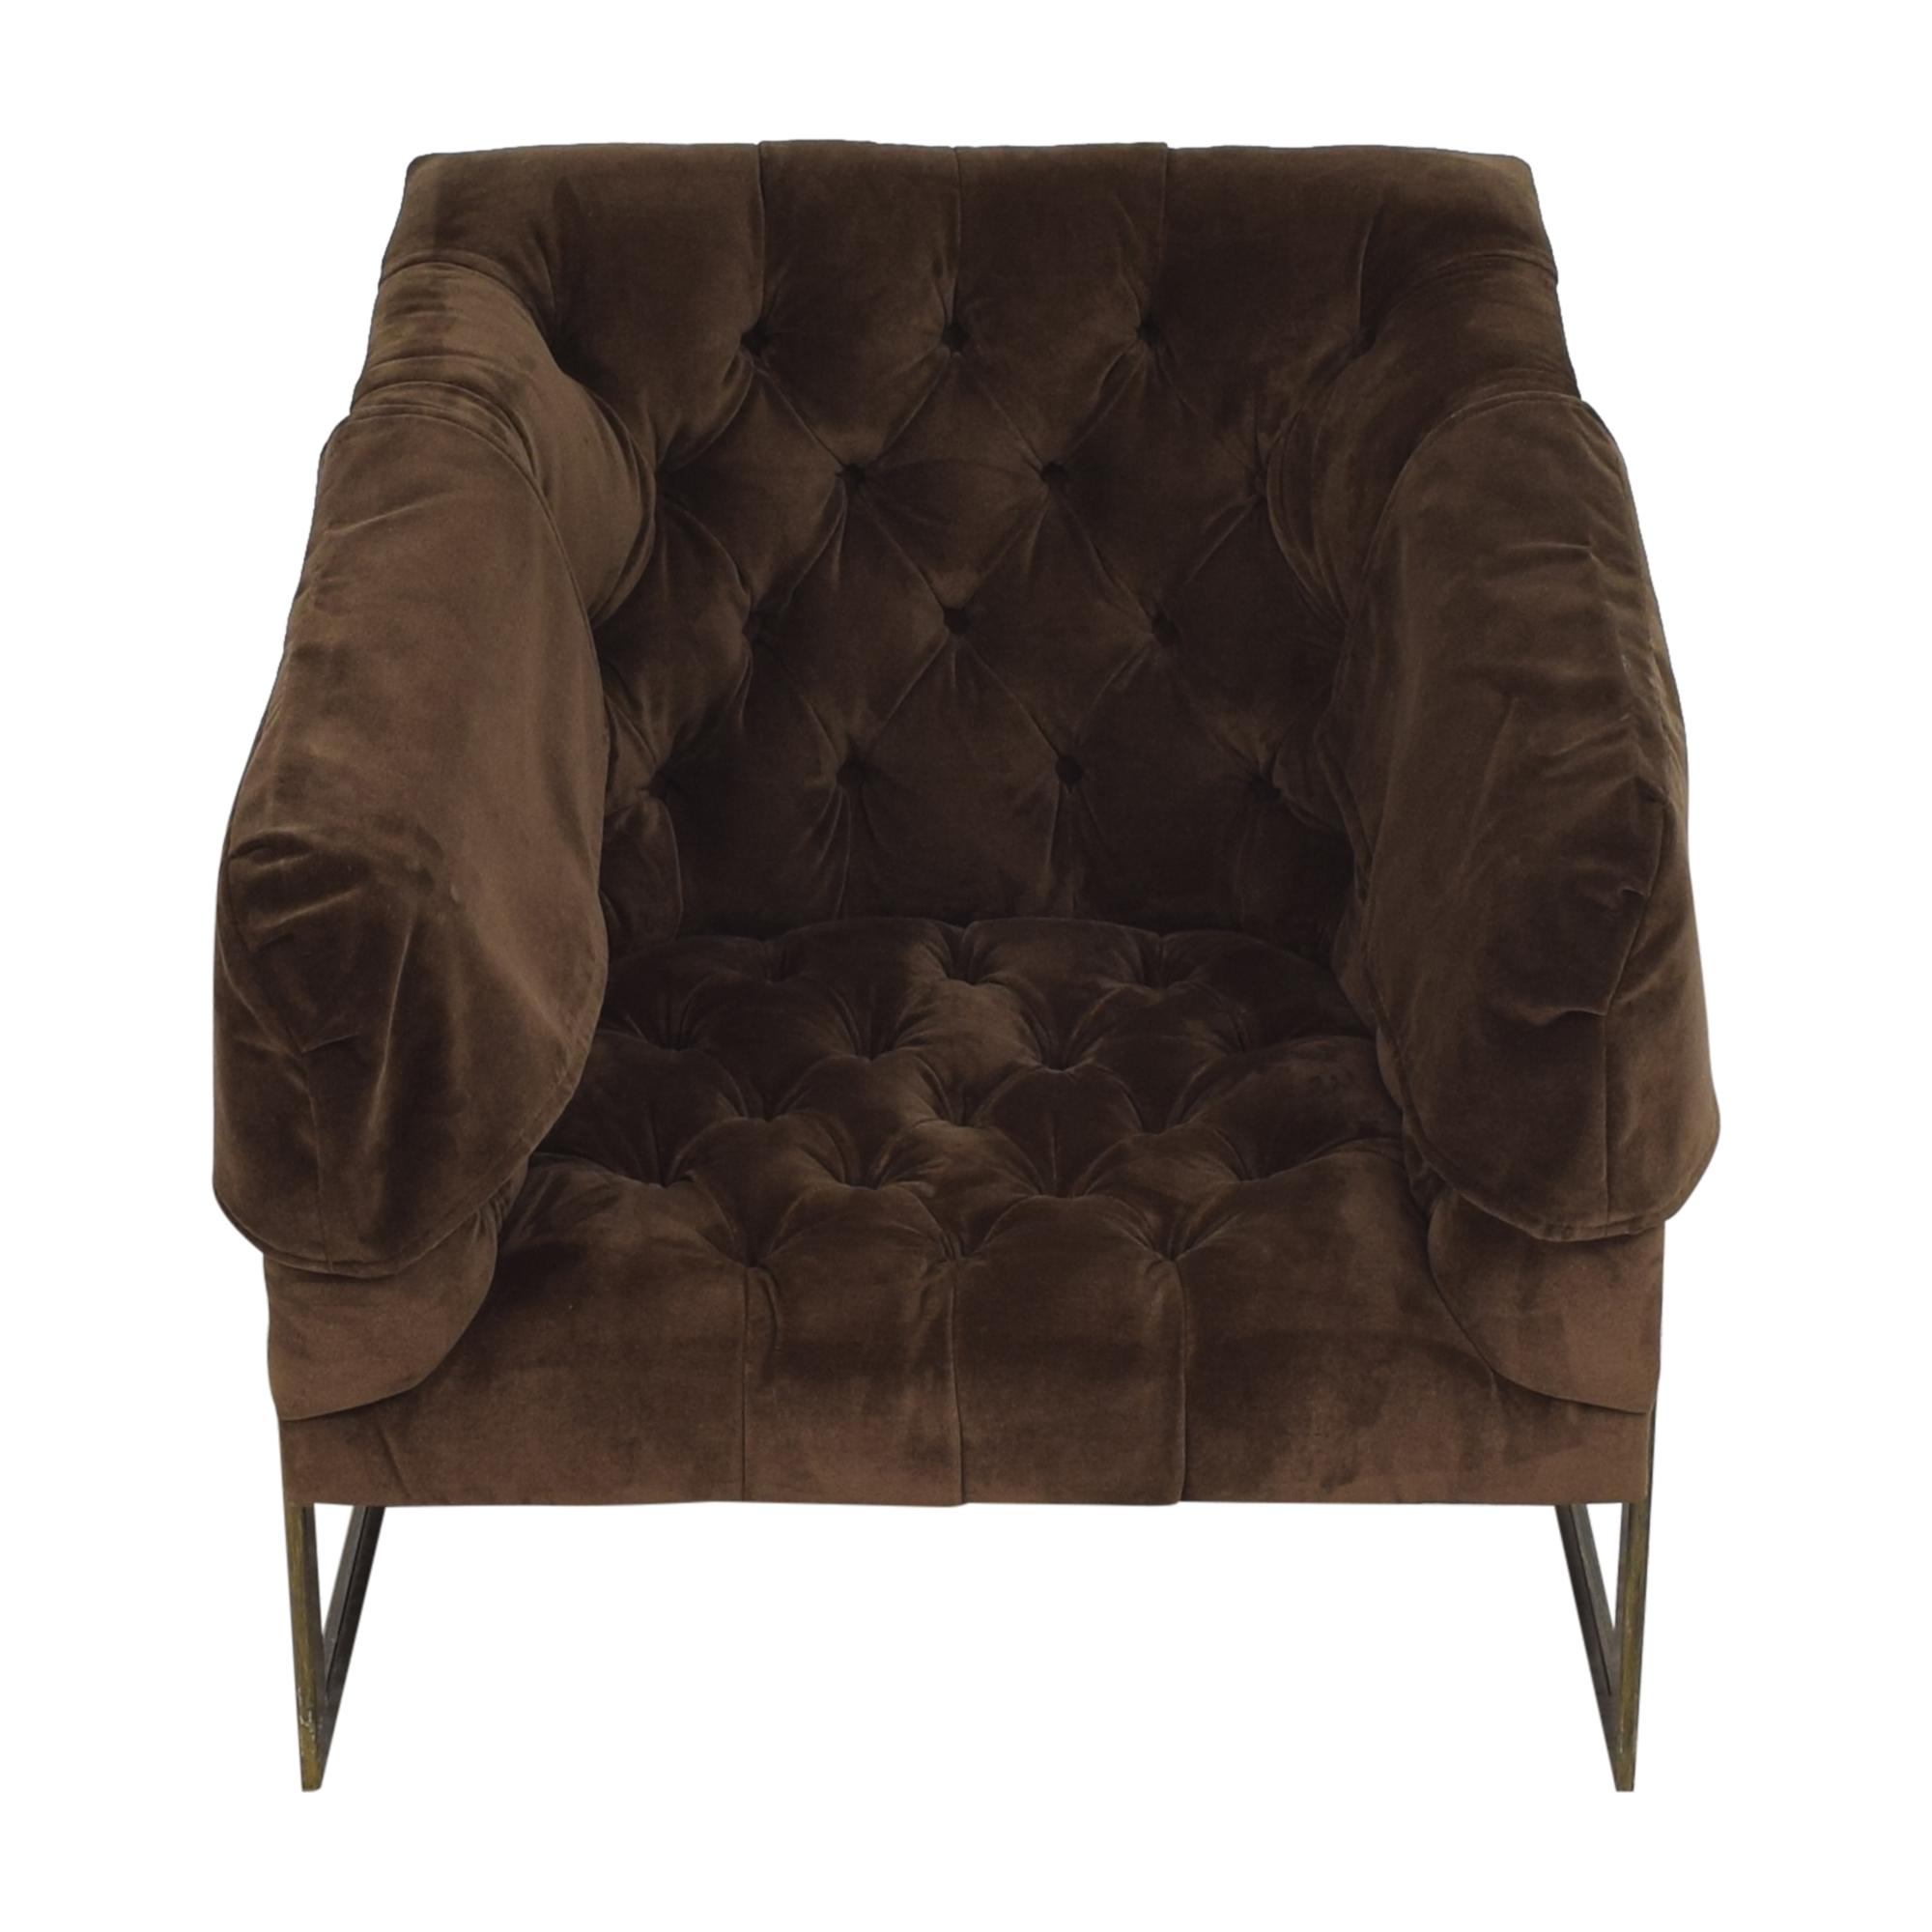 shop Safavieh Safavieh Tufted Accent Chair online